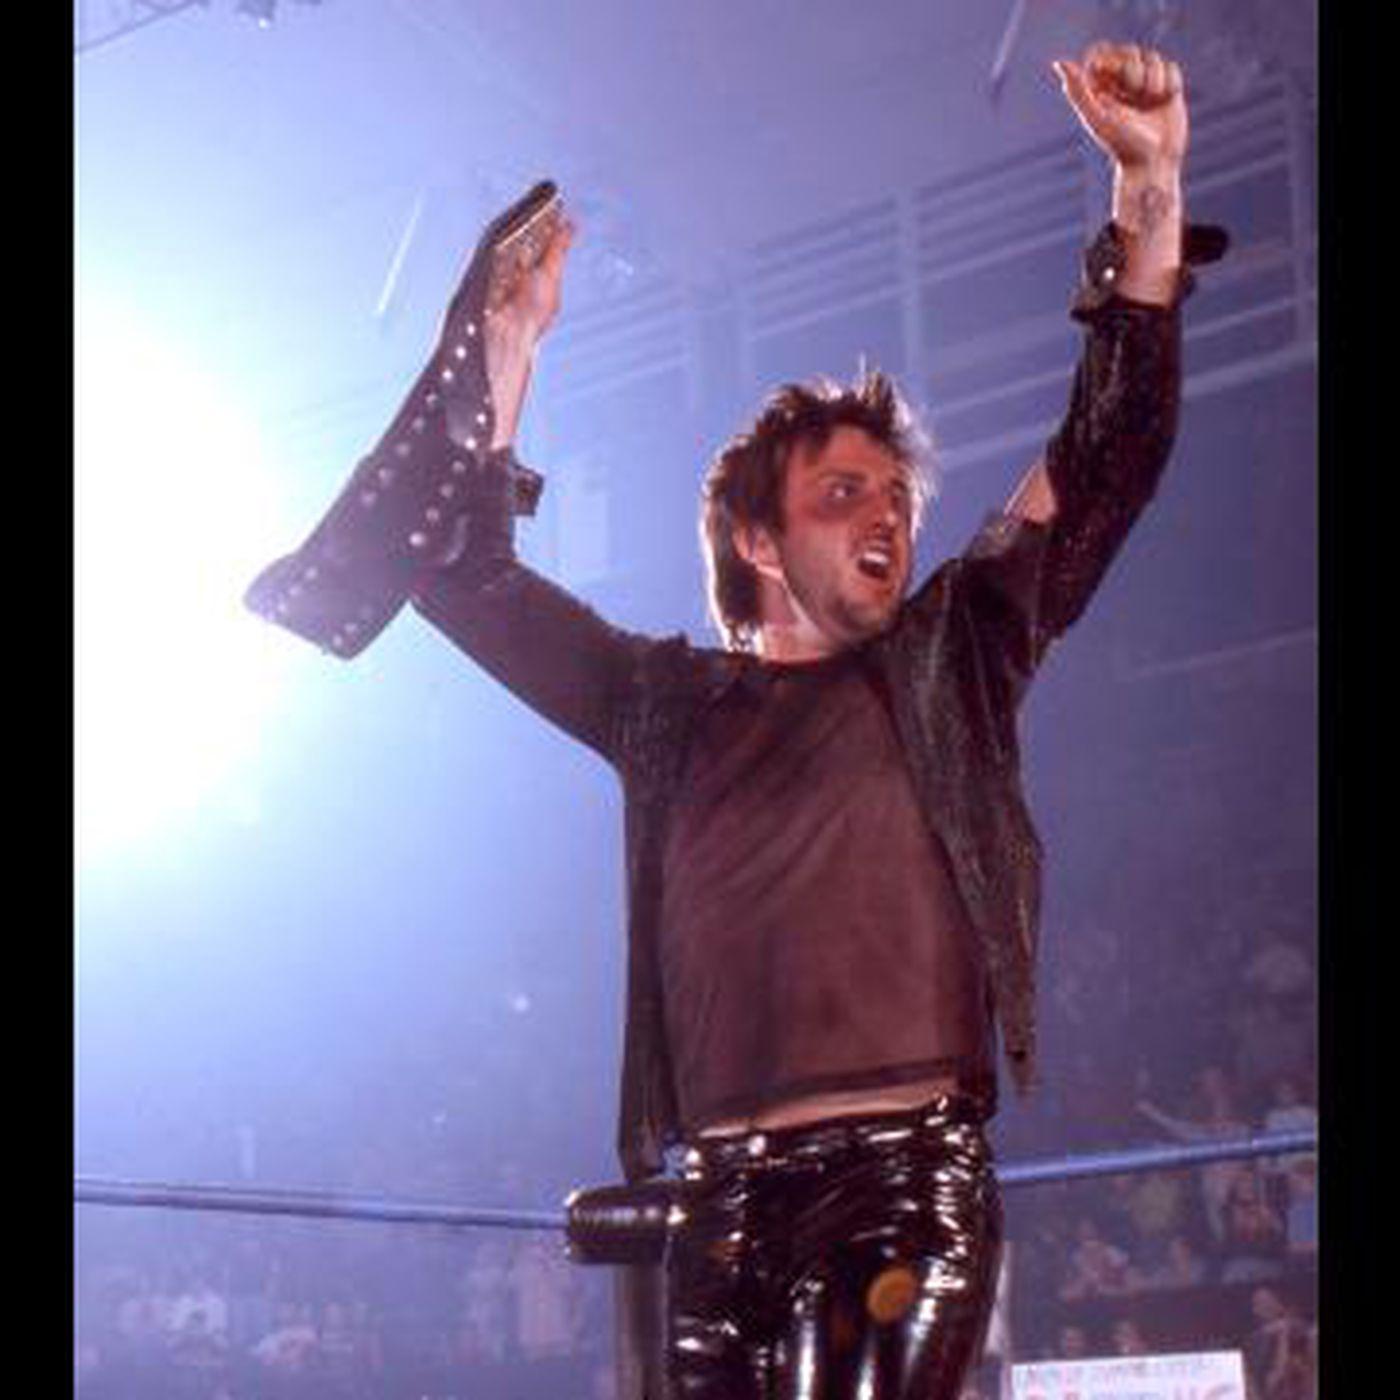 Cena hurtowa popularna marka oszczędzać On This Date in WCW History: David Arquette retains his ...